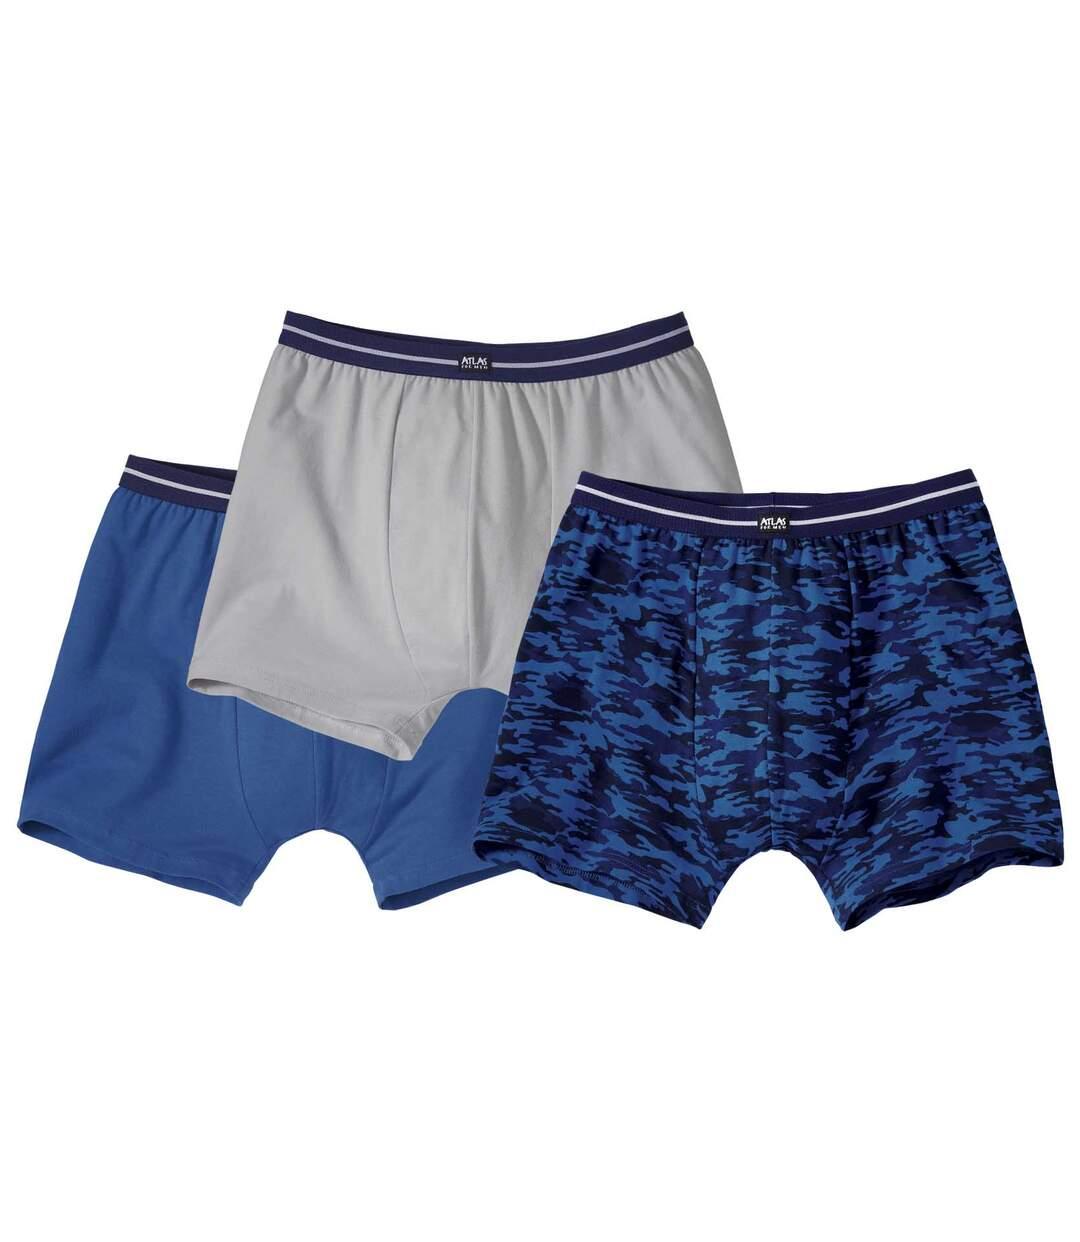 3er-Pack Boxershorts Komfort